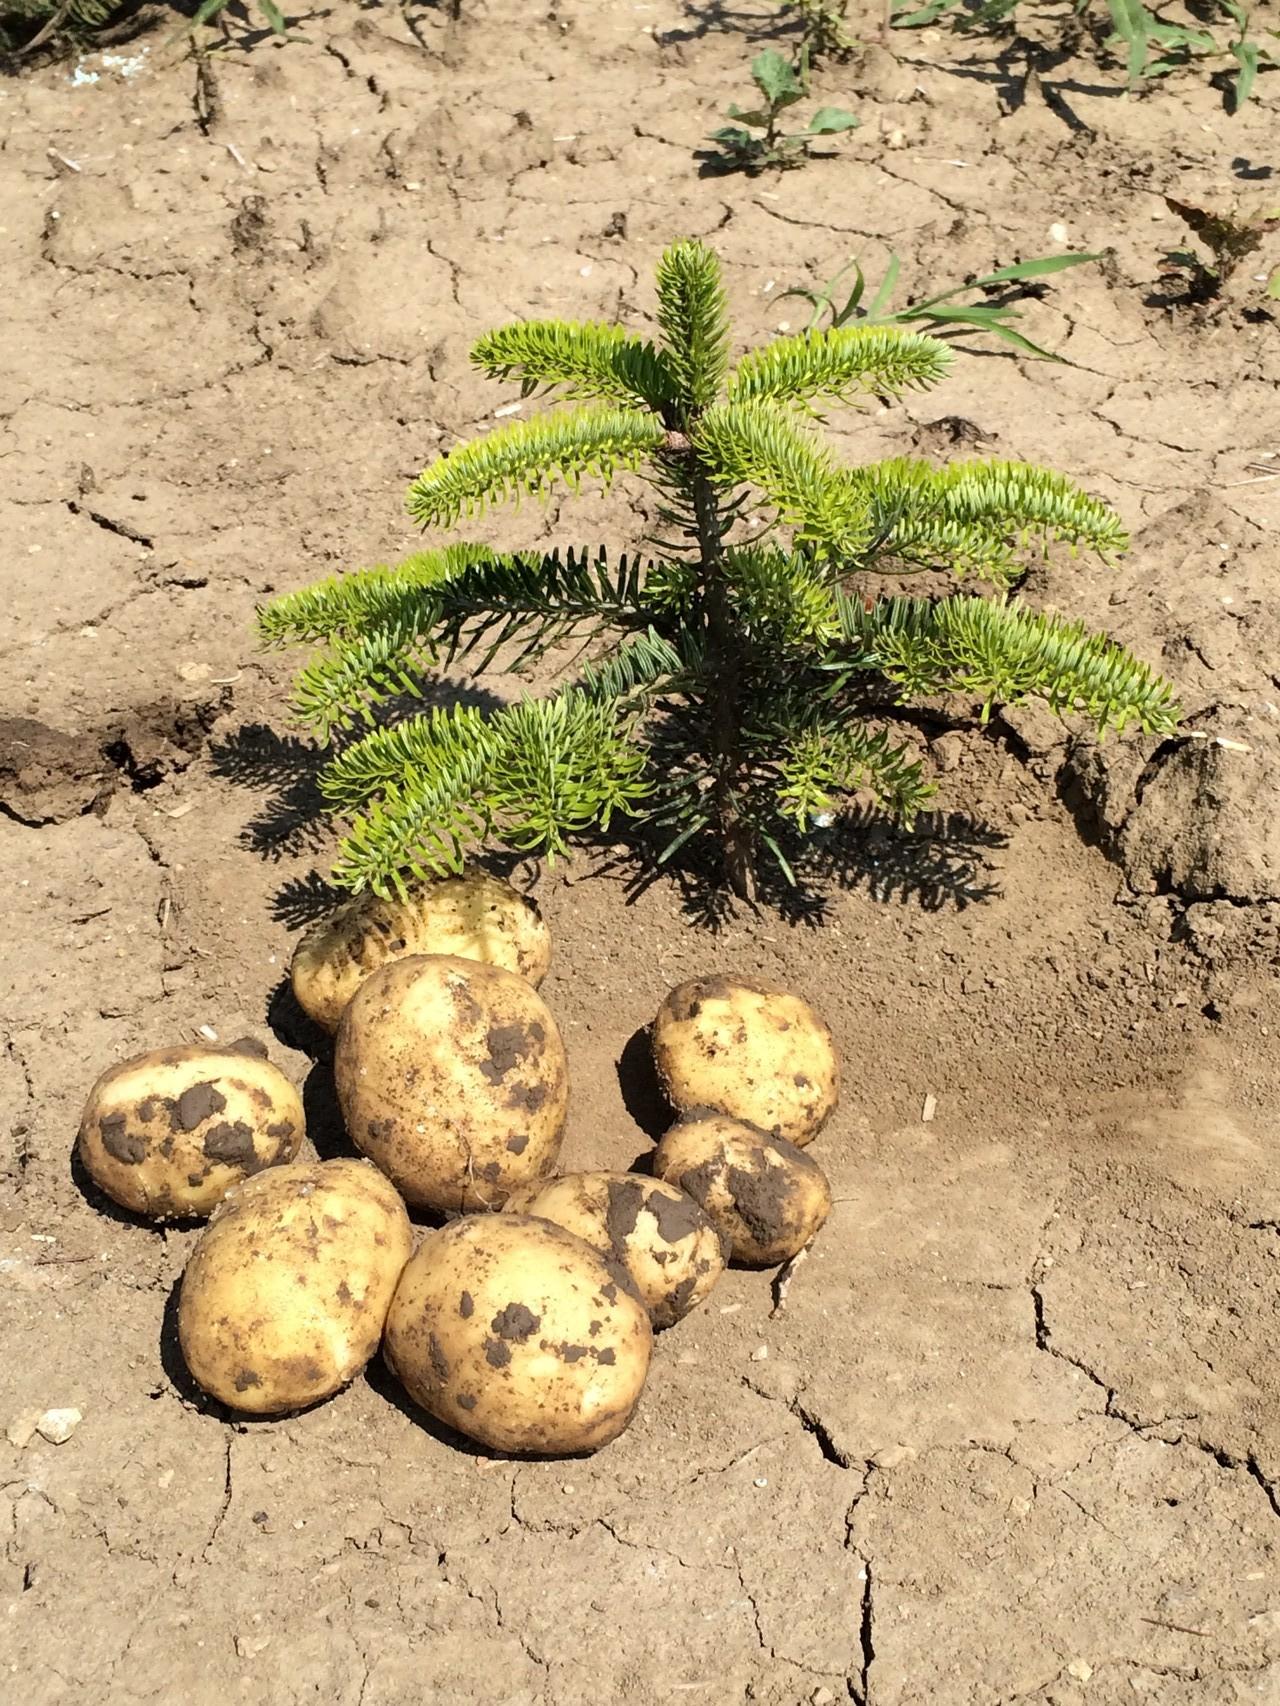 Unsere Kartoffeln neben einem frisch gesetzten Christbaum